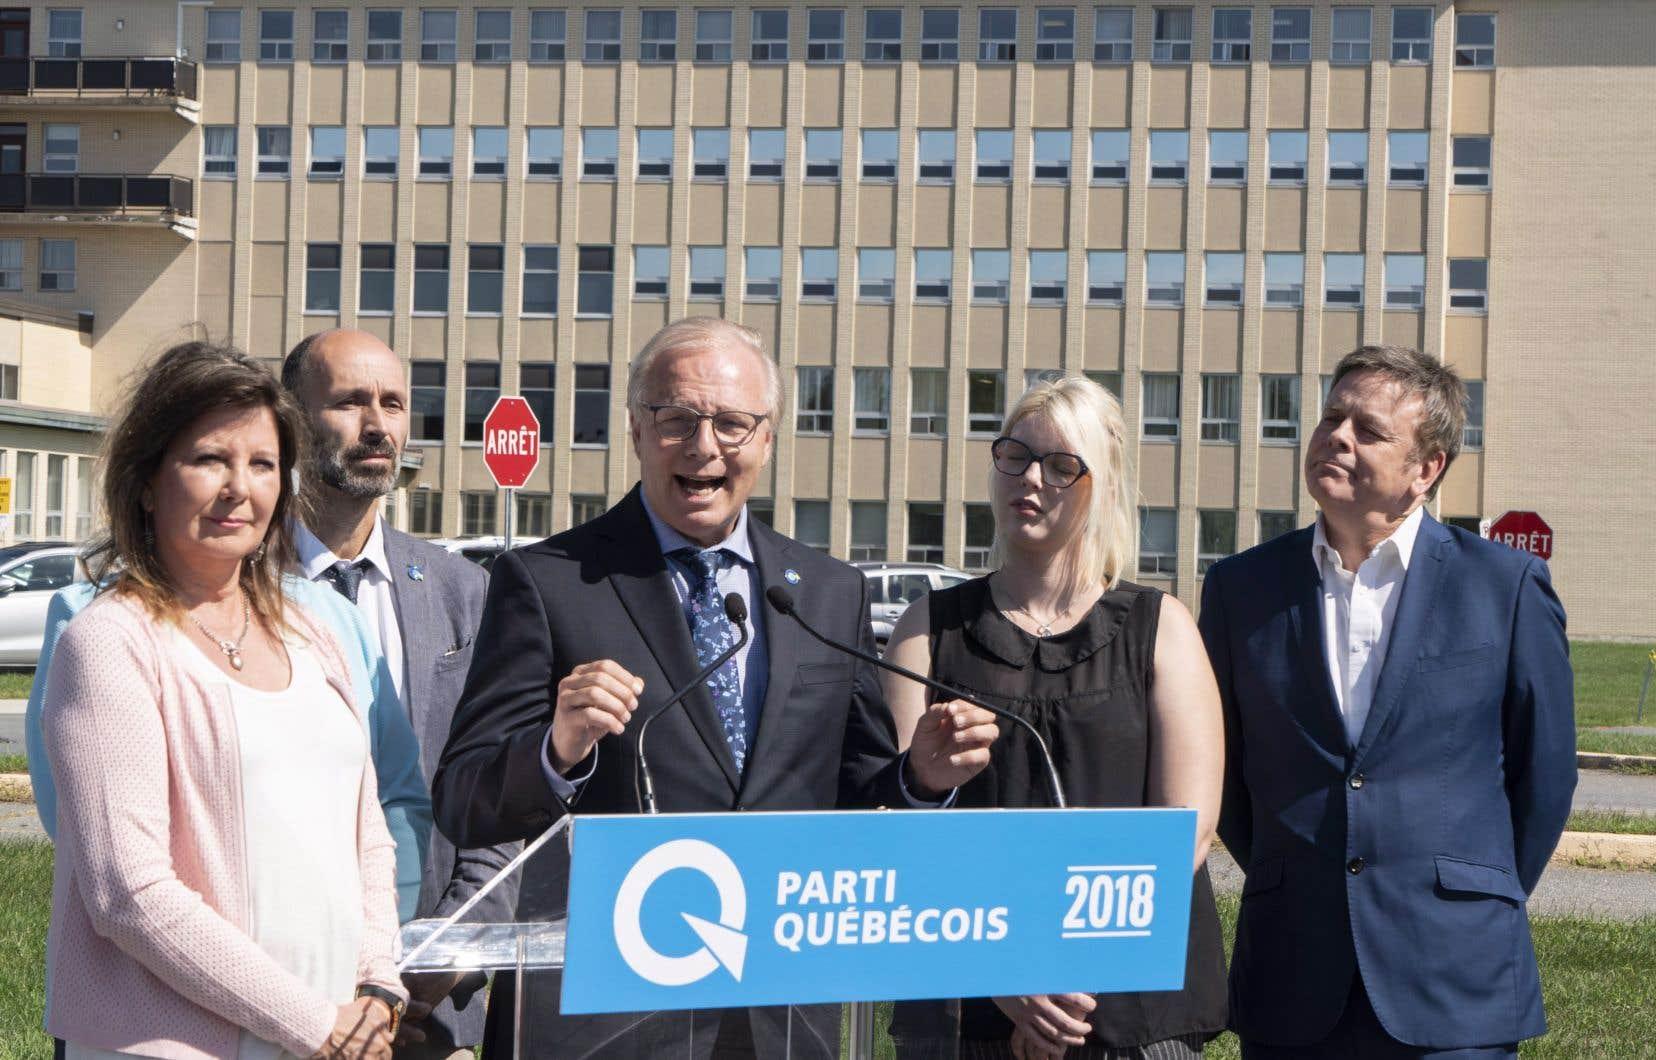 Le PQ s'est engagé vendredi à rétablir la couverture publique du premier cycle de fécondation in vitro, abolie en 2015.